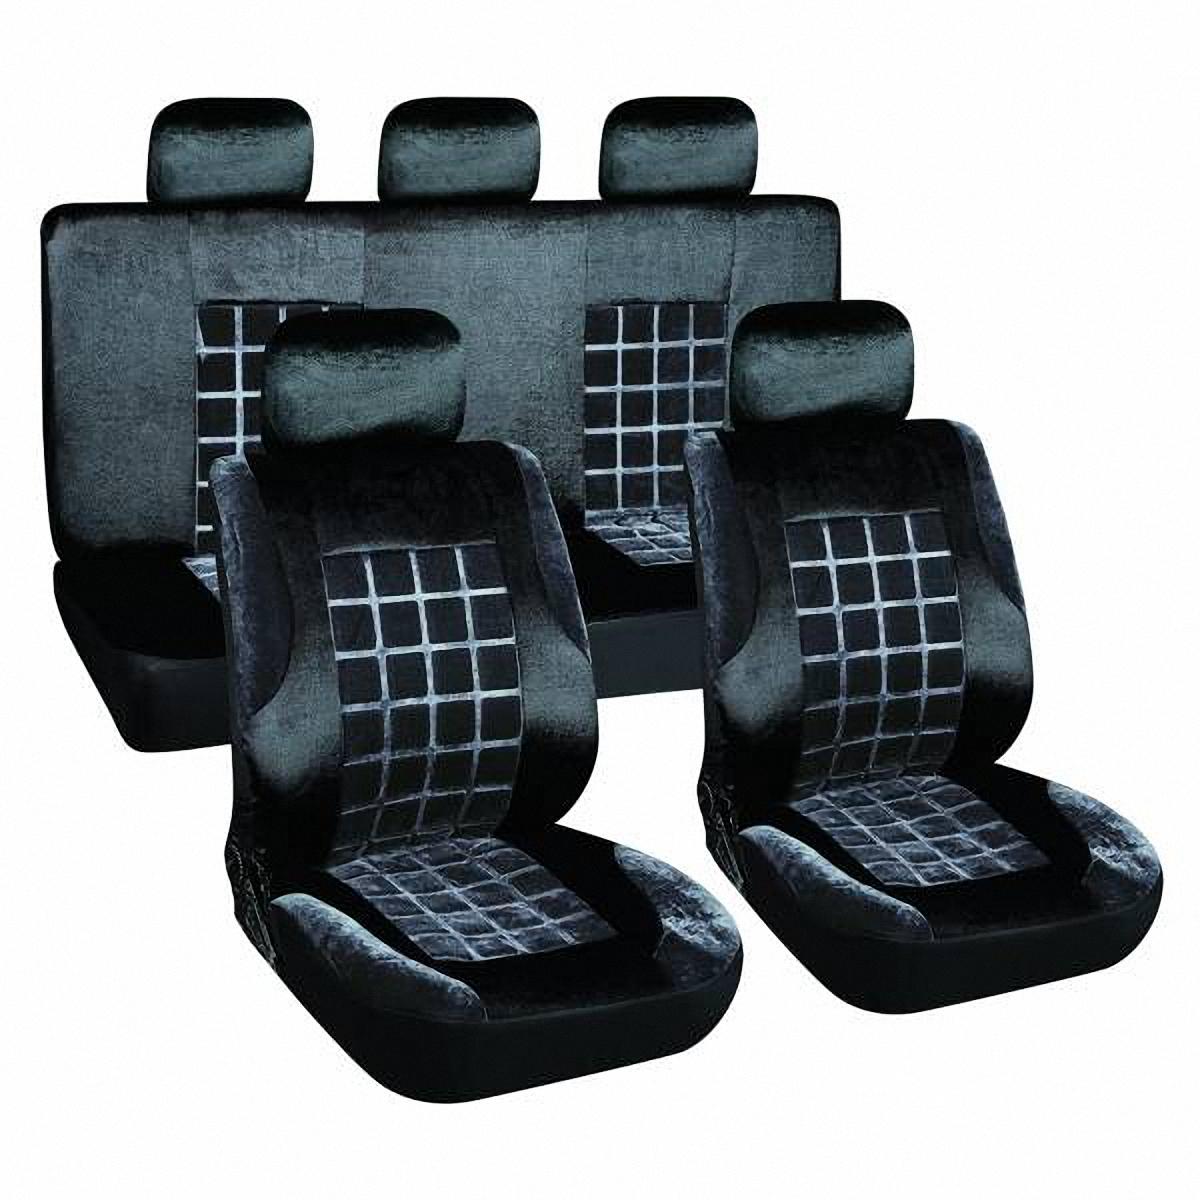 Чехлы автомобильные Skyway. S01301153S02201019Комплект классических универсальных автомобильных чехлов Skyway S01301153 изготовлен из вельвета. Чехлы защитят обивку сидений от вытирания и выцветания. Благодаря структуре ткани, обеспечивается улучшенная вентиляция кресел, что позволяет сделать более комфортными долгое пребывание за рулем во время дальней поездки.